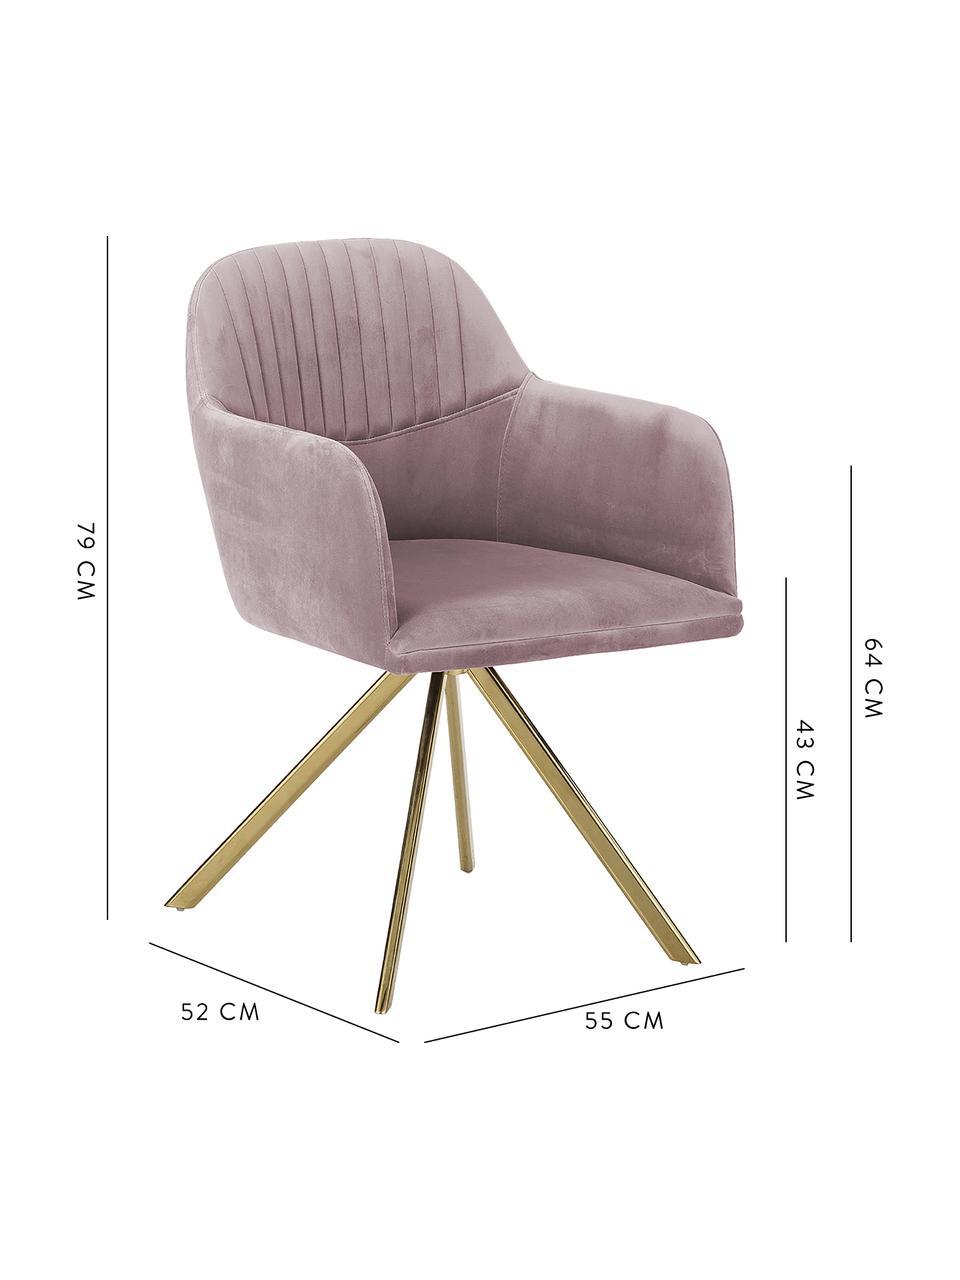 Aksamitne krzesło obrotowe z podłokietnikami Lola, Tapicerka: aksamit poliestrowy Dzięk, Nogi: metal galwanizowany, Aksamitny mauve, nogi: złoty, S 58 x G 53 cm